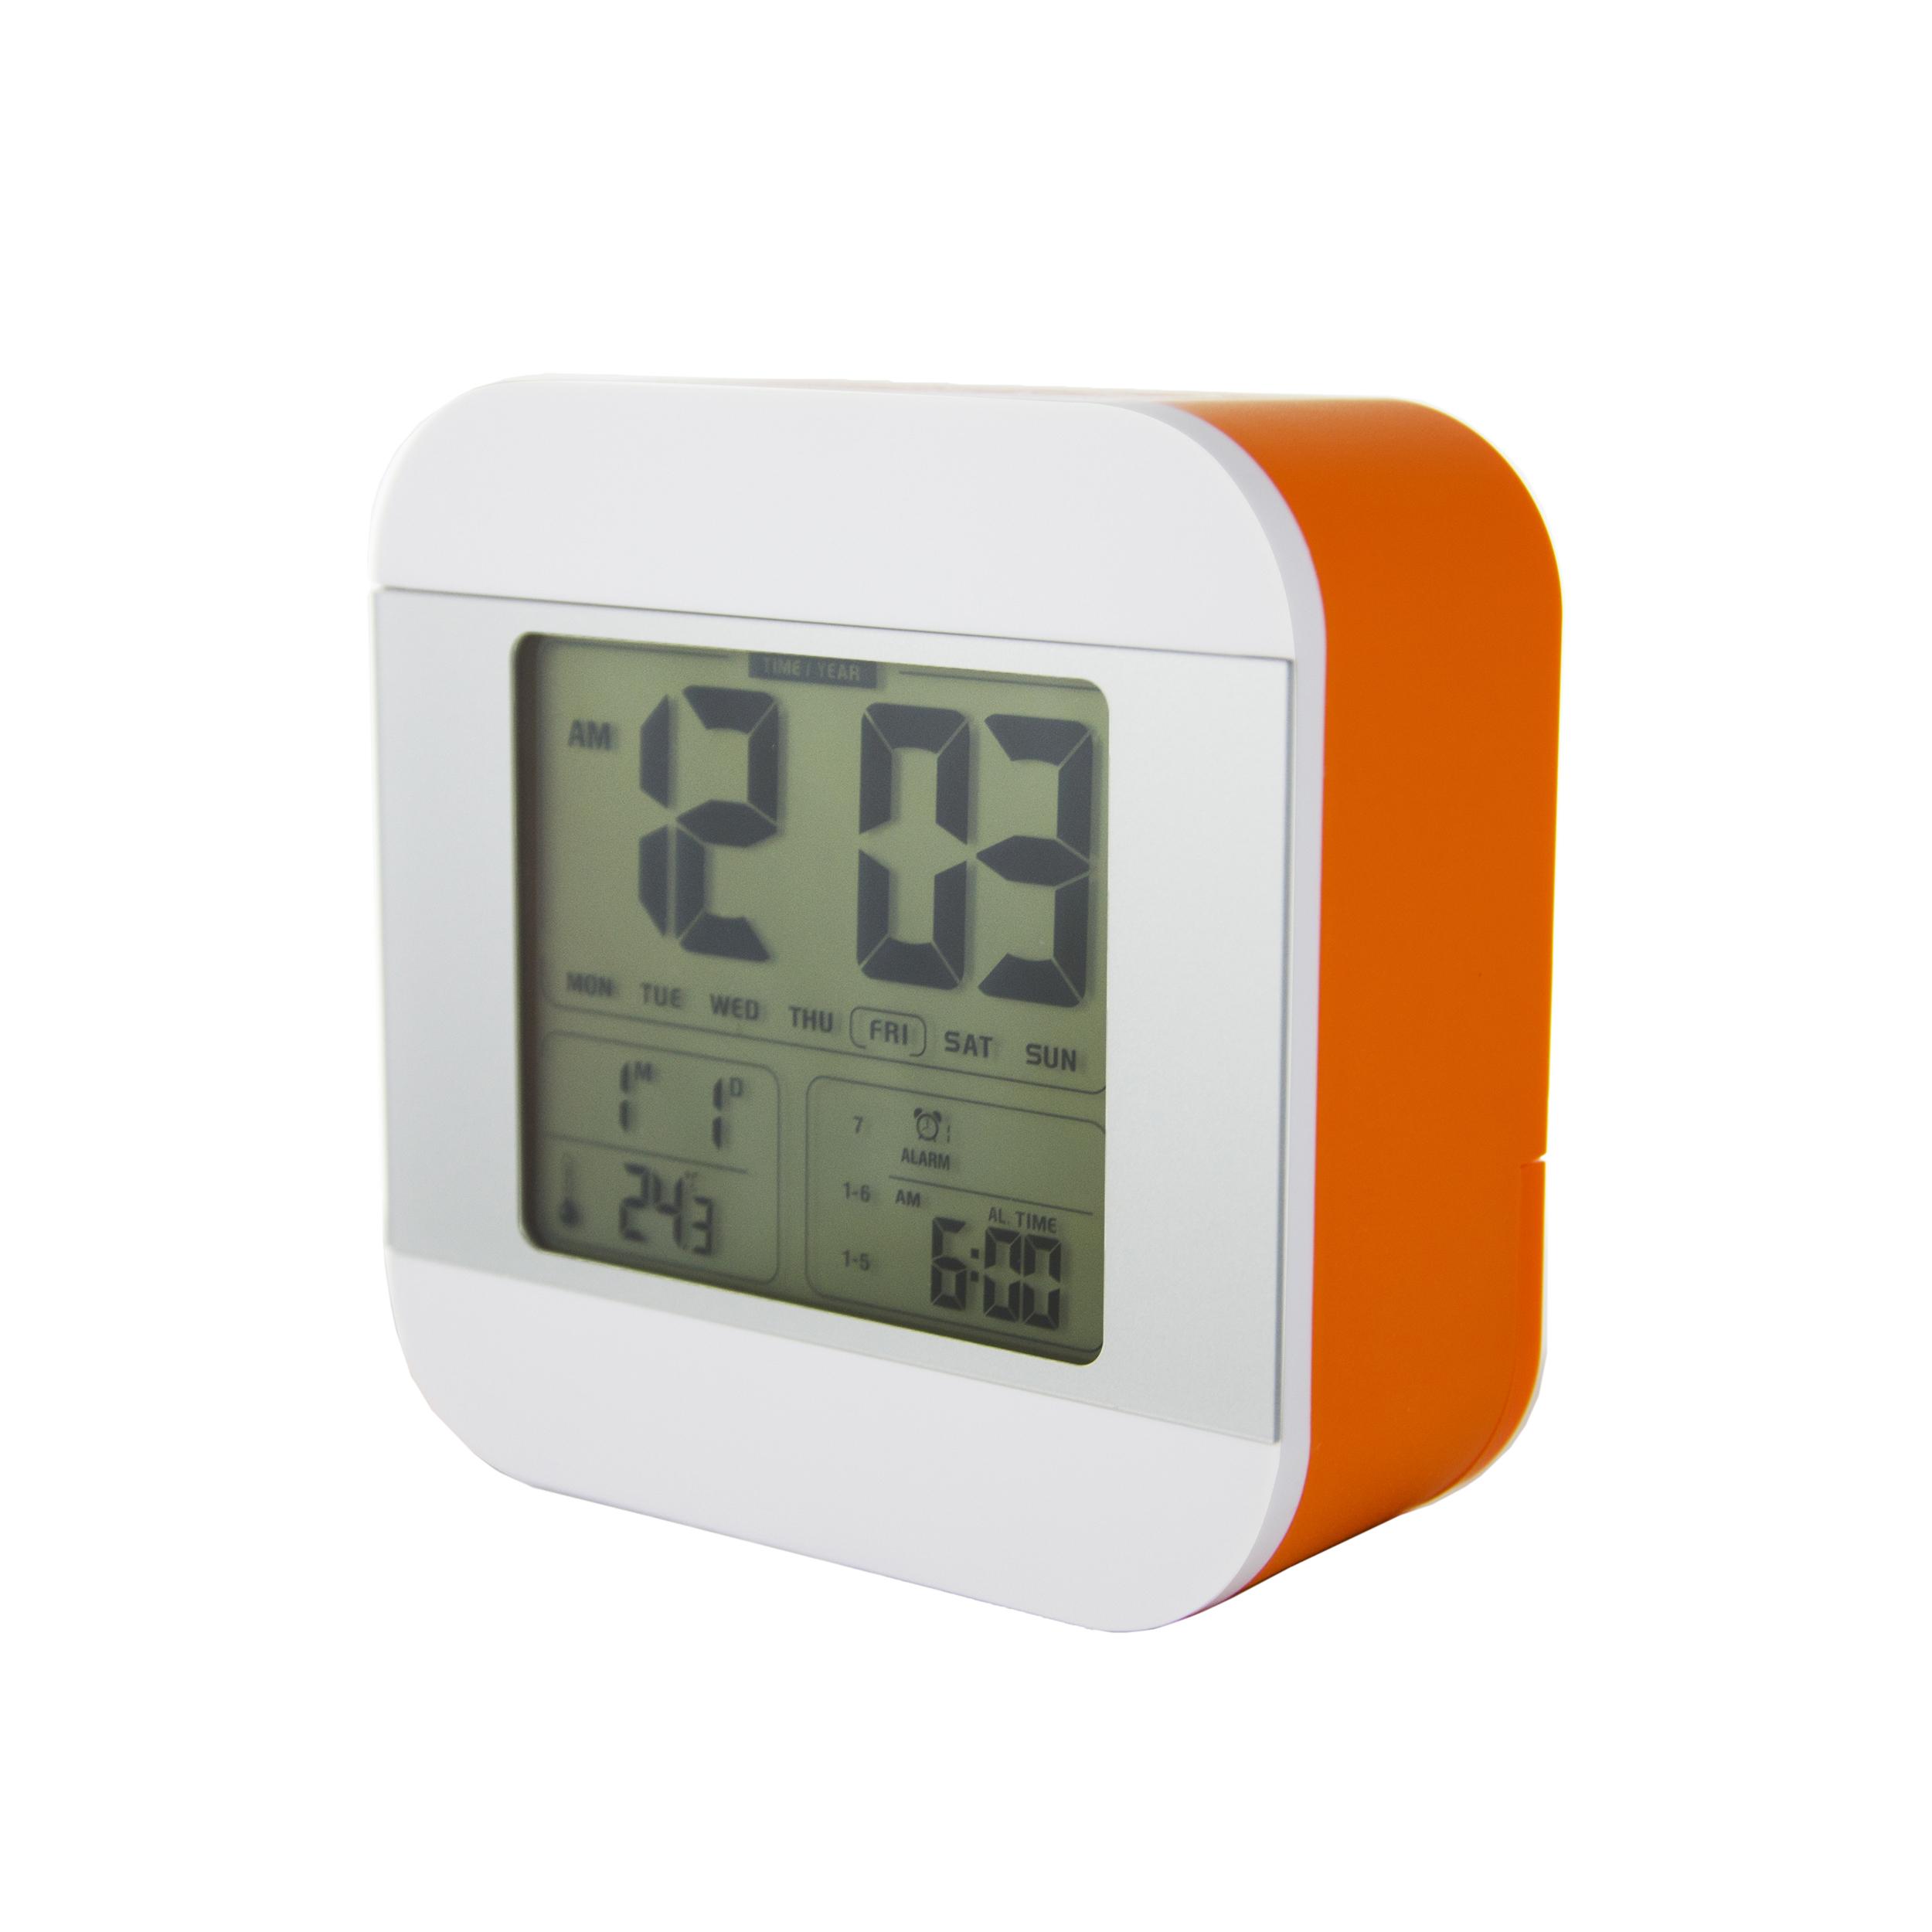 ساعت رومیزی دیجیتال اسمارت مدل do004